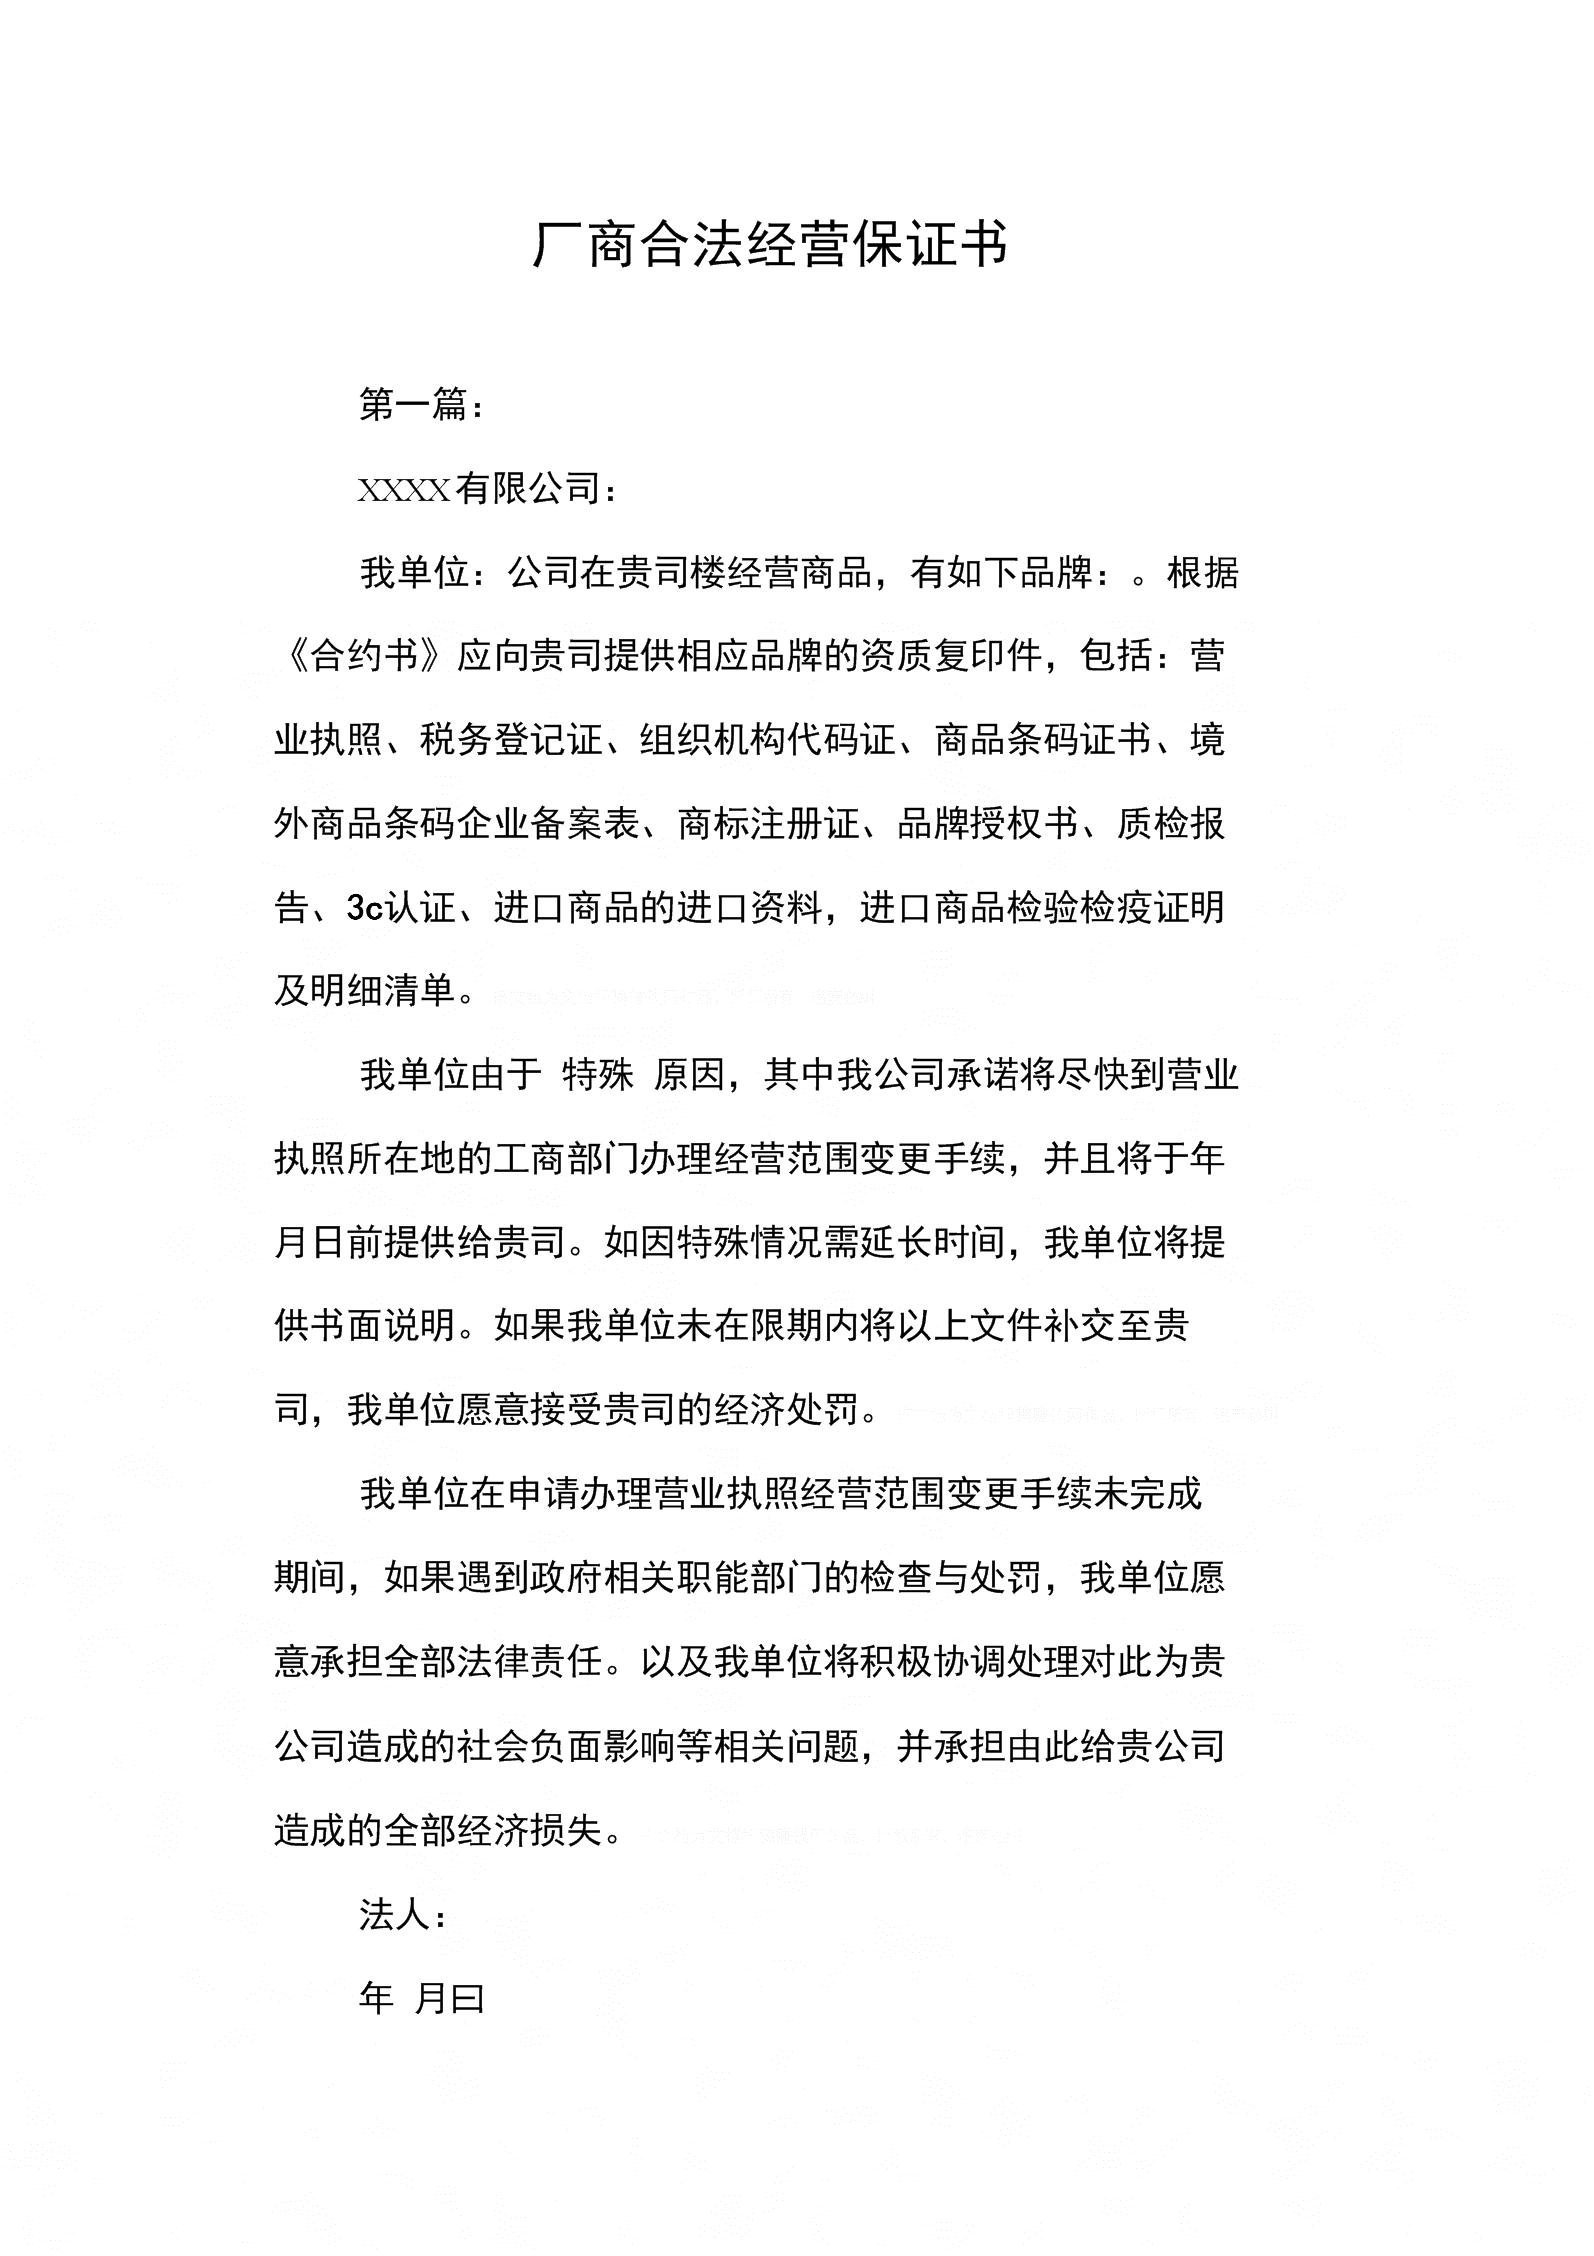 厂商合法经营保证书.docx